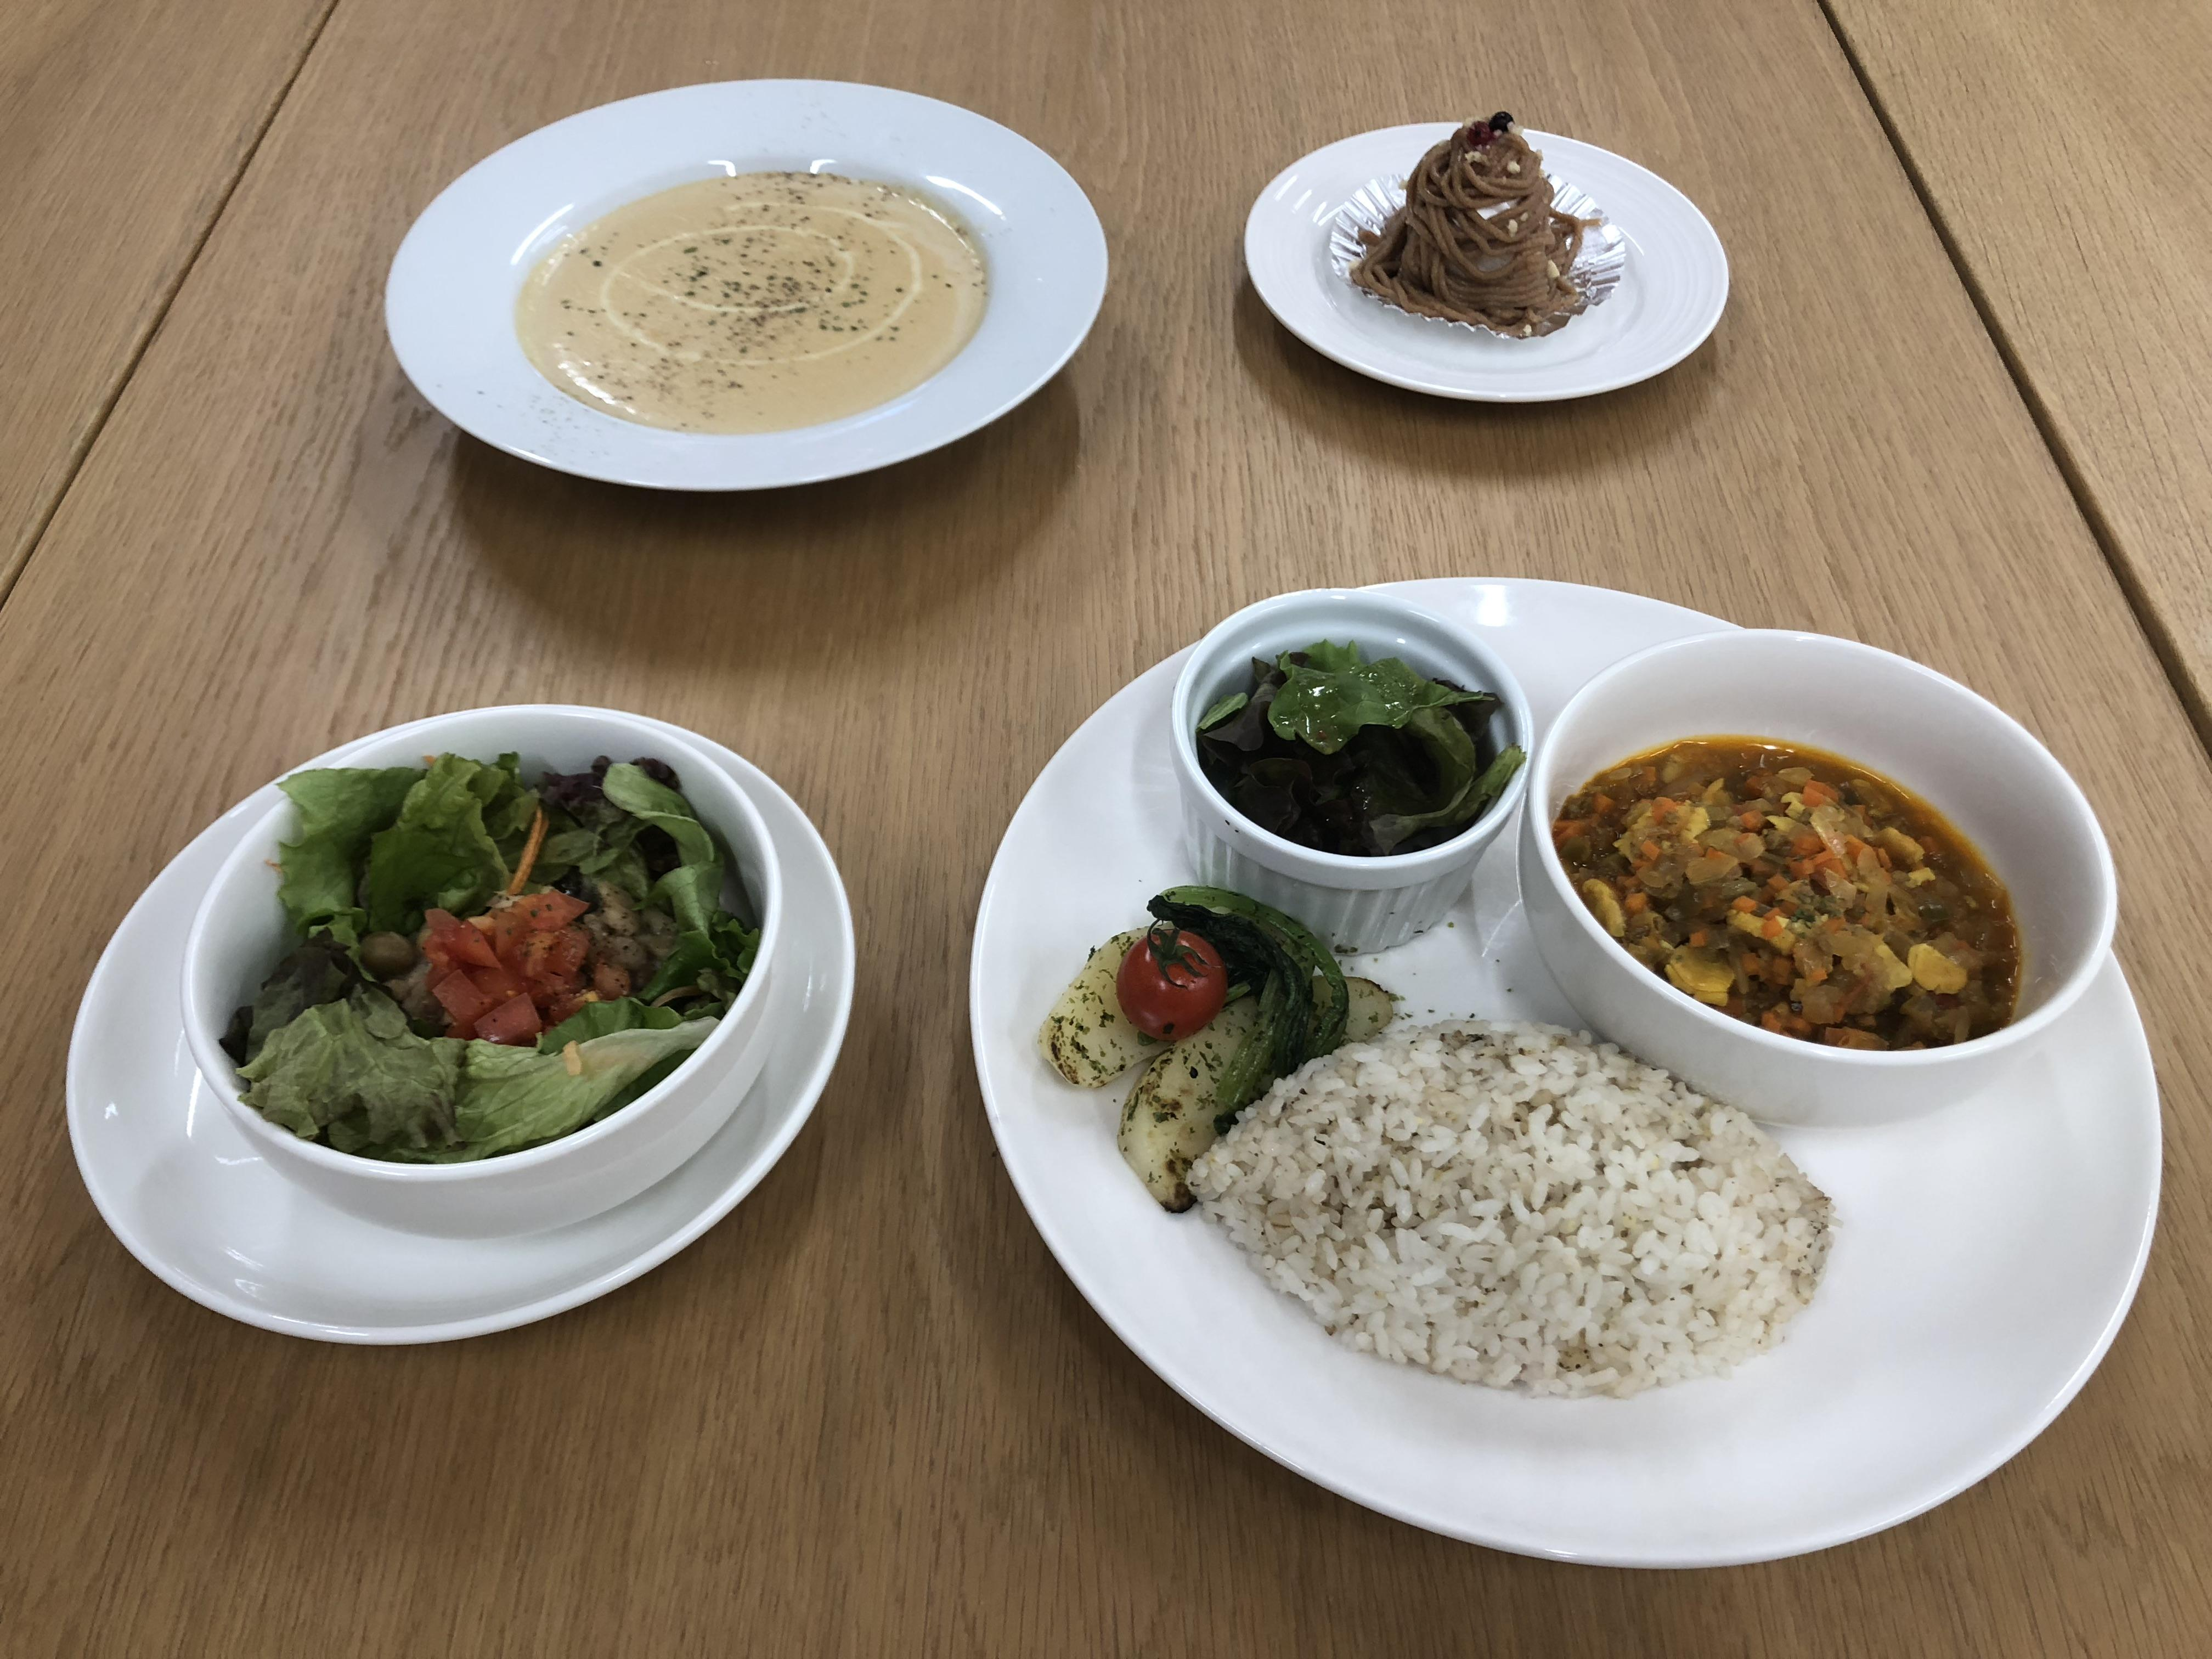 共立女子大学・共立女子短期大学が、福井市との産官学連携により、学生食堂で「打ち豆」を用いたメニューを提供 -- 学生が考案したレシピによる「打ち豆キーマカレー」も登場 --